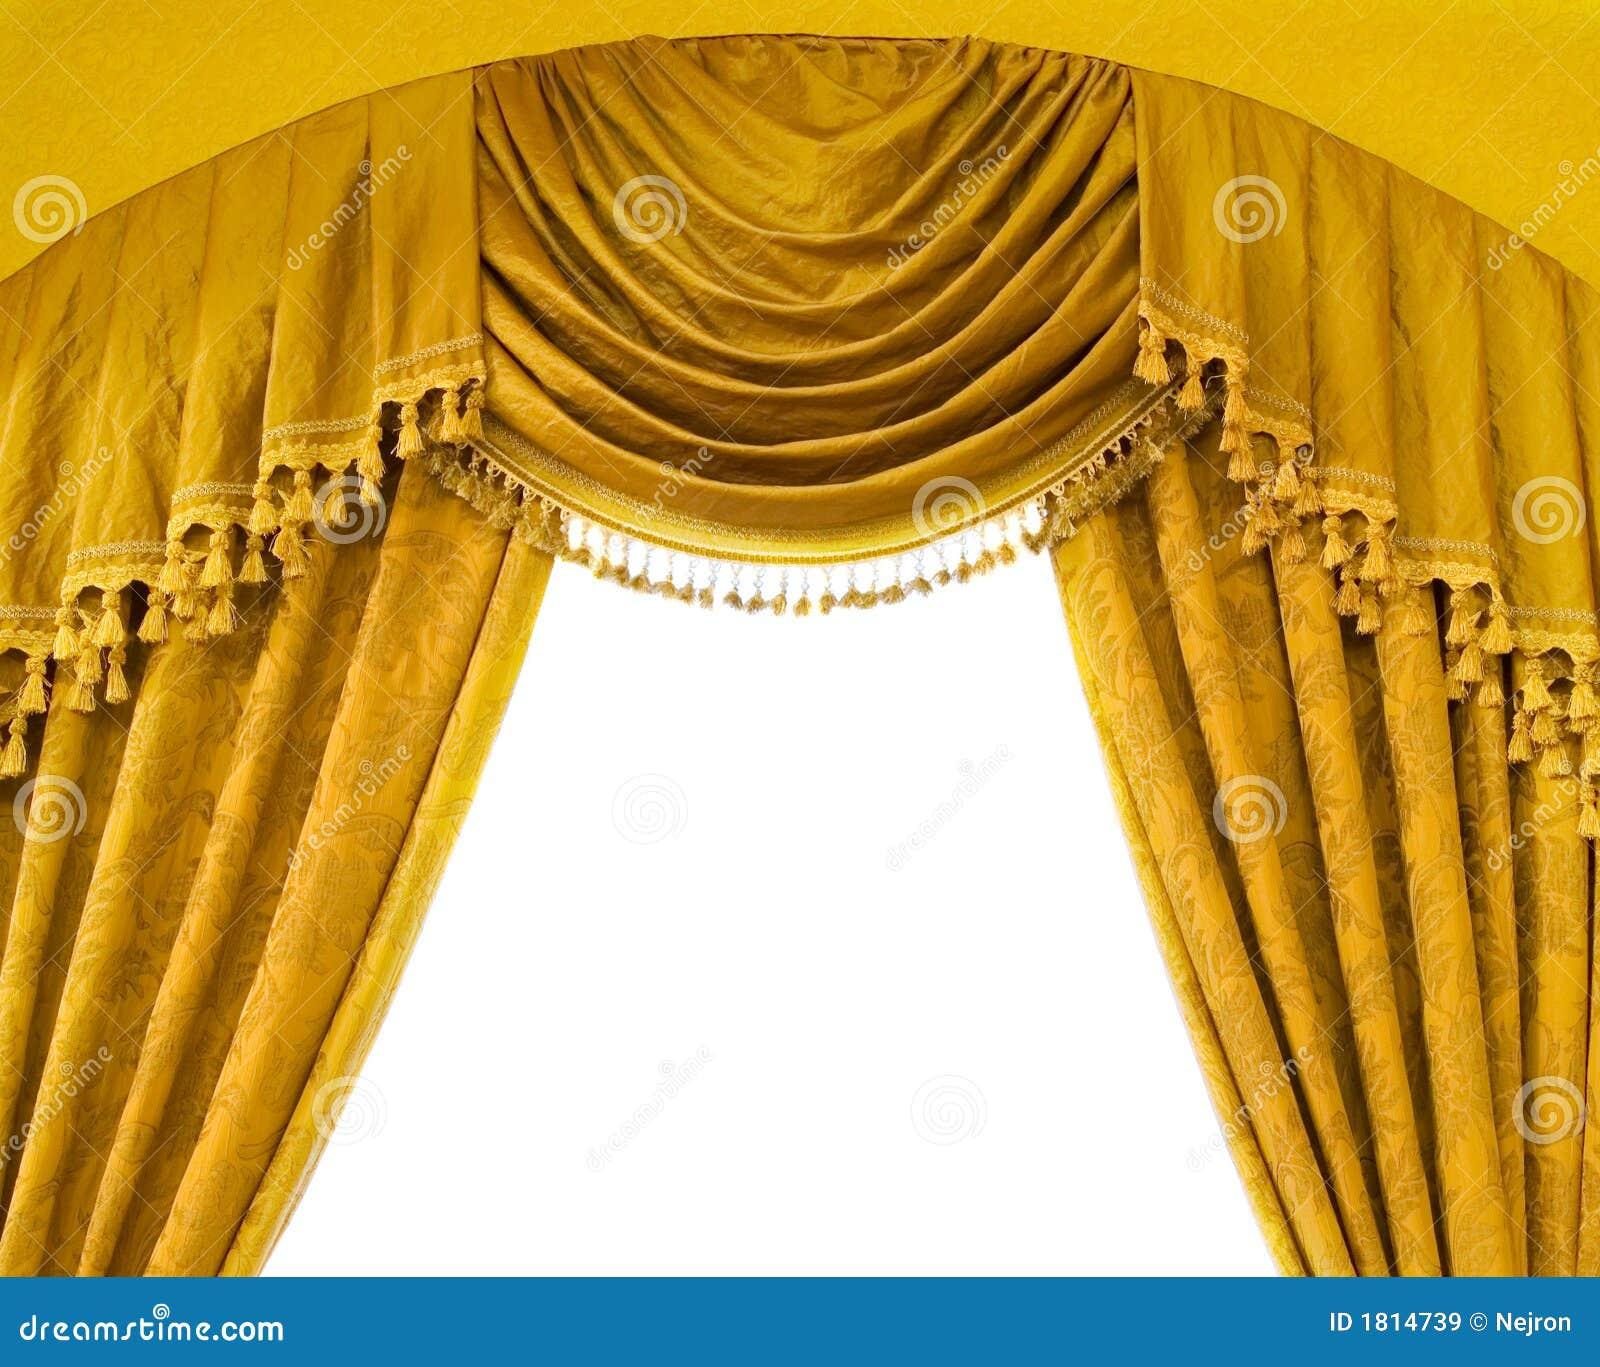 rideaux de luxe avec l 39 espace libre au milieu images libres de droits image 1814739. Black Bedroom Furniture Sets. Home Design Ideas